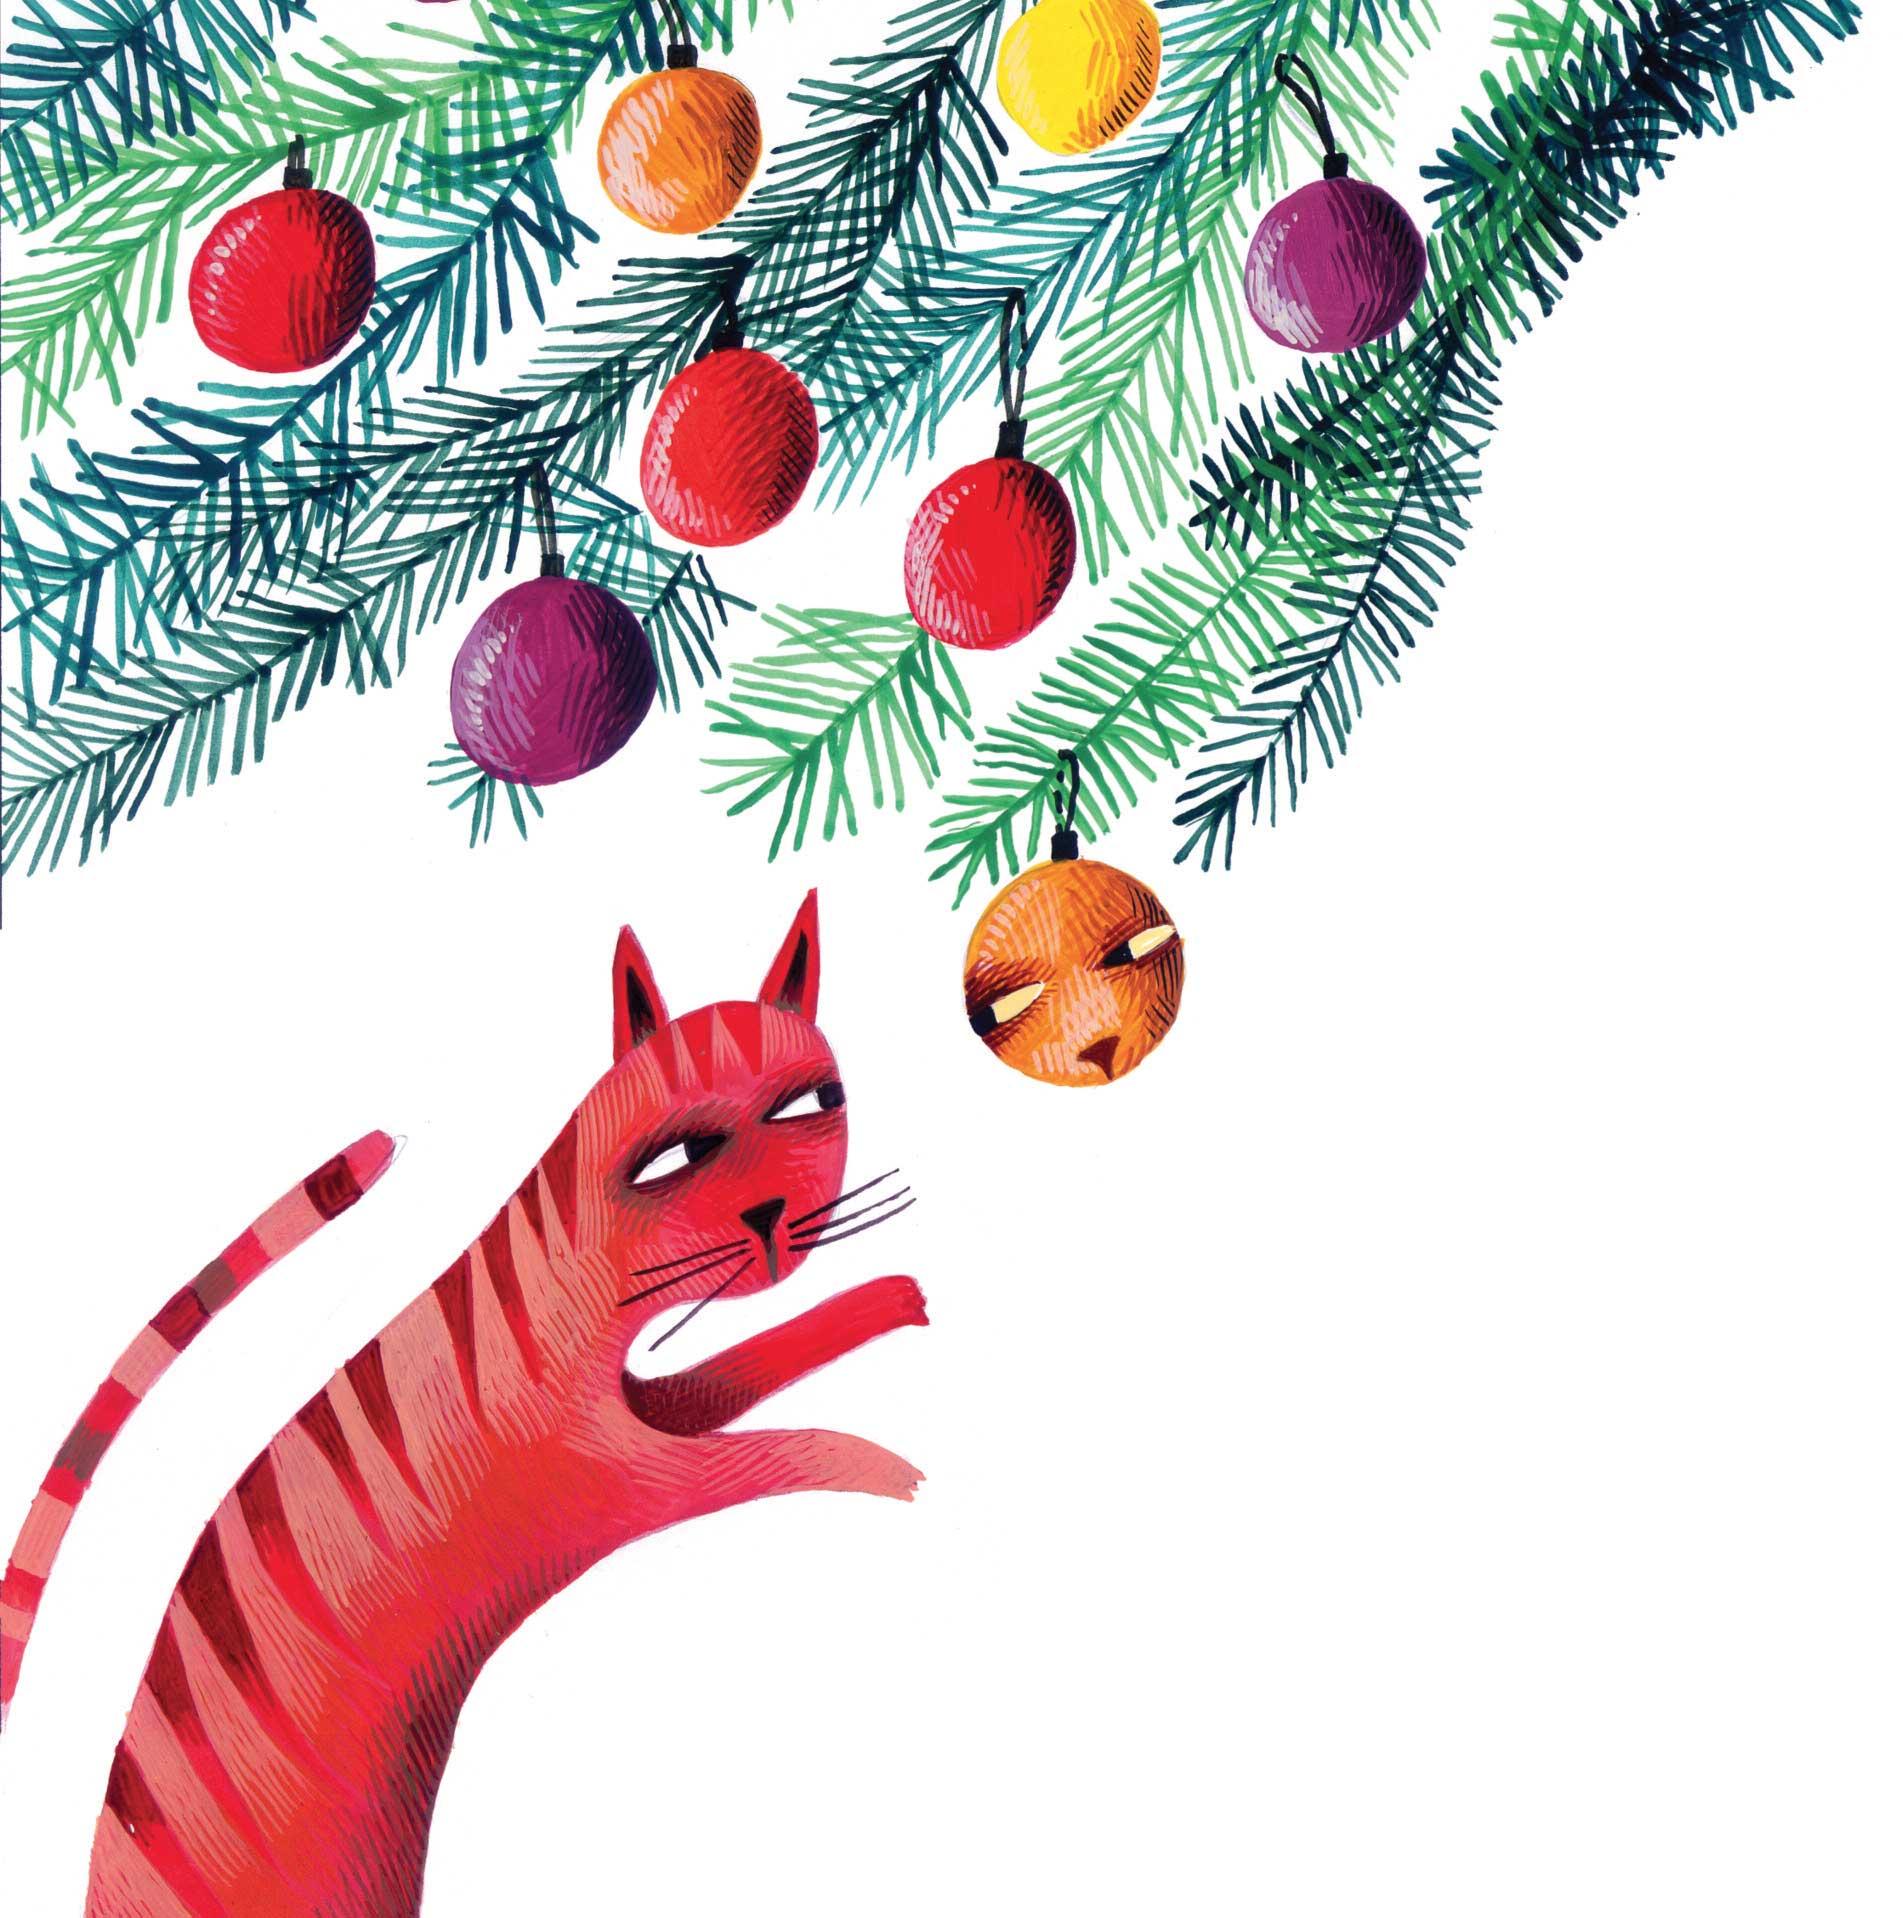 Tognolini, Salvataggio a mezzanotte, libro illustrato per bambini, Le rane Interlinea